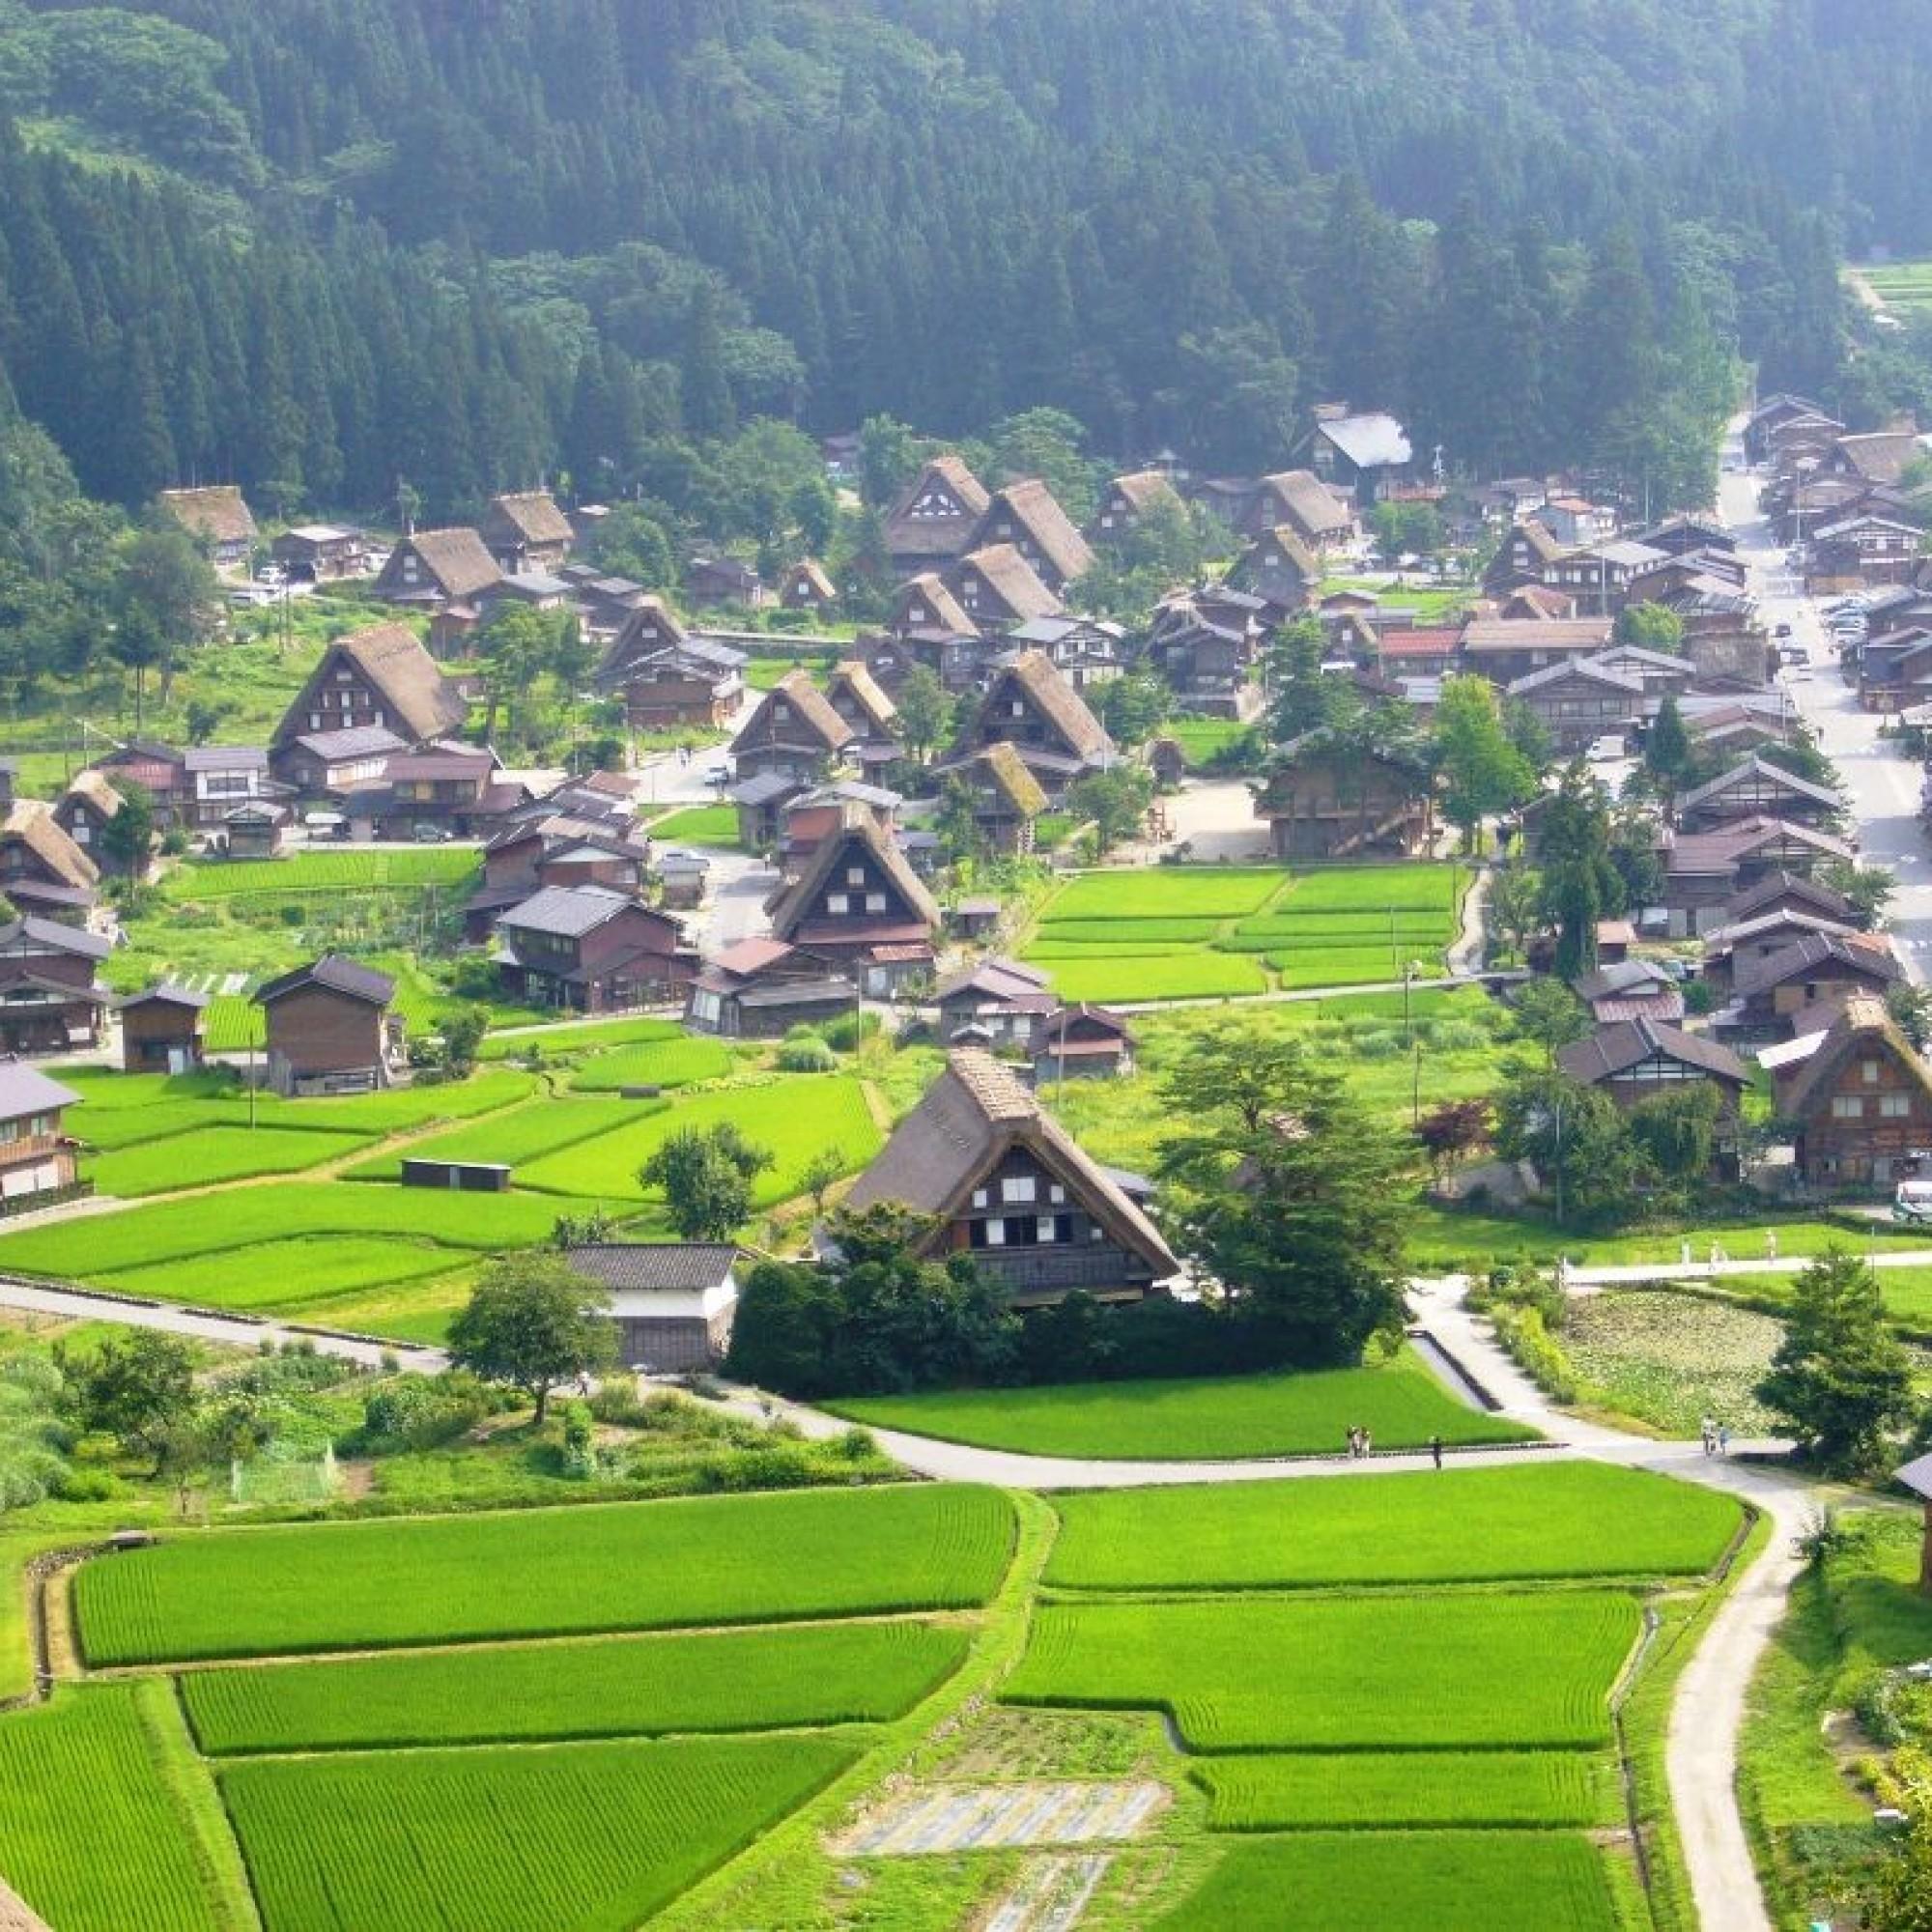 Die historischen Dörfer von Shirakawa-go and Gokayama.